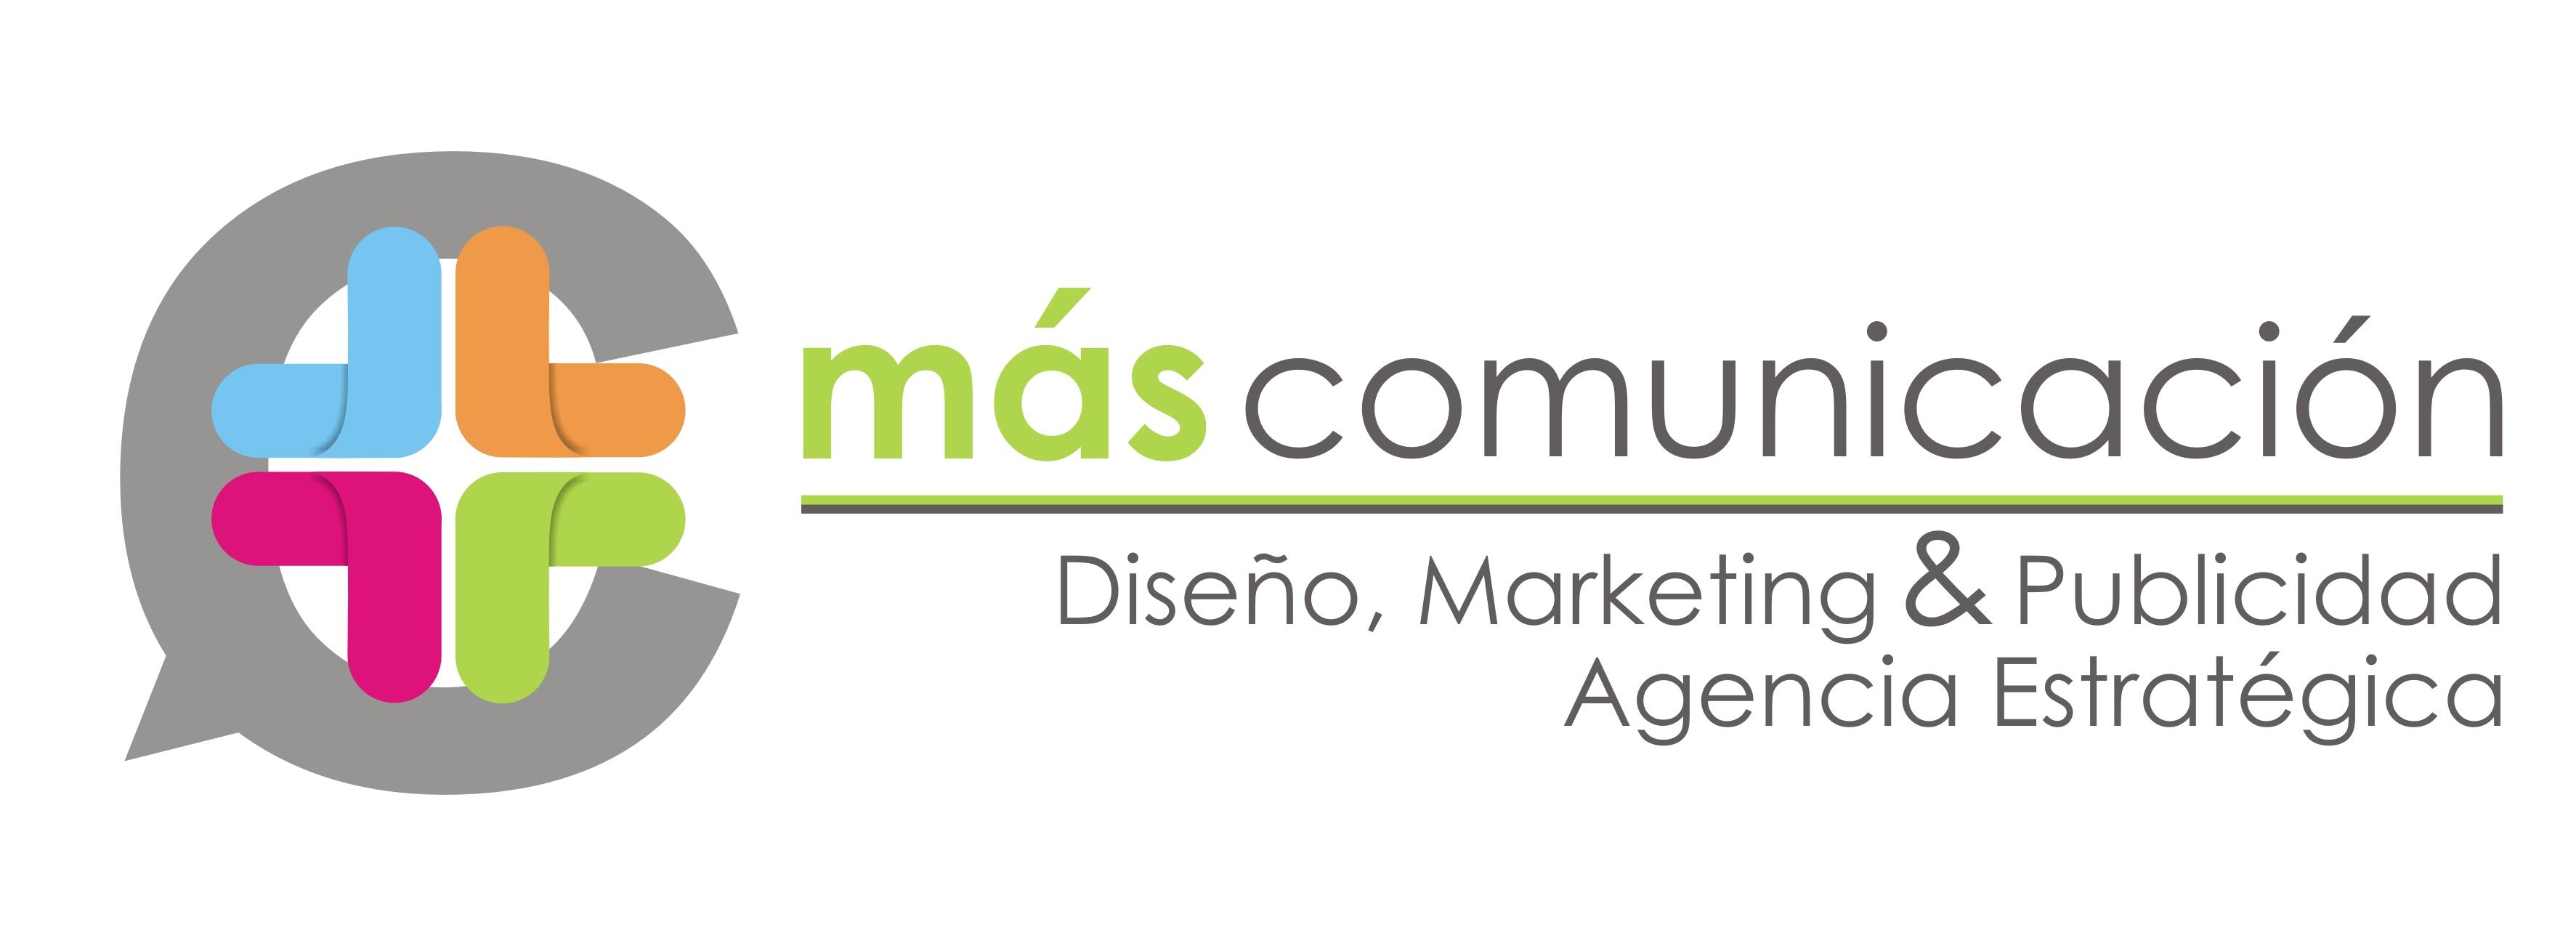 Agencia Estratégica de comunicación